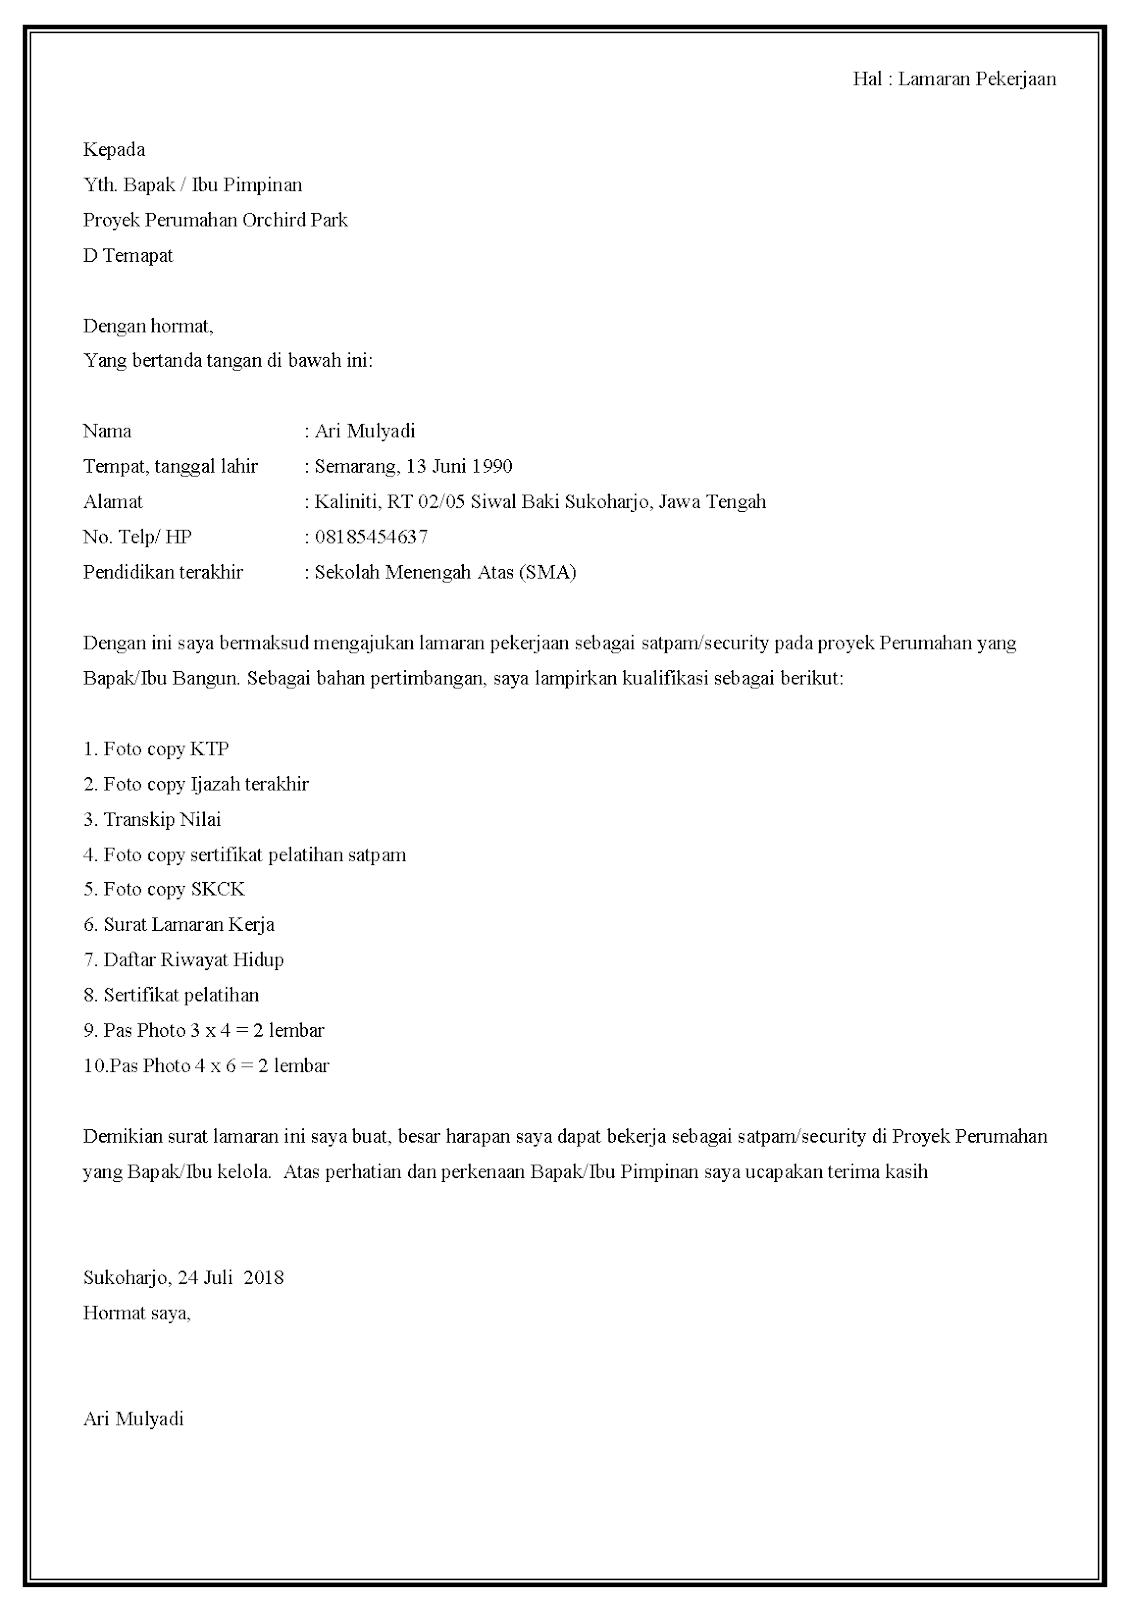 Contoh surat lamaran kerja security di proyek